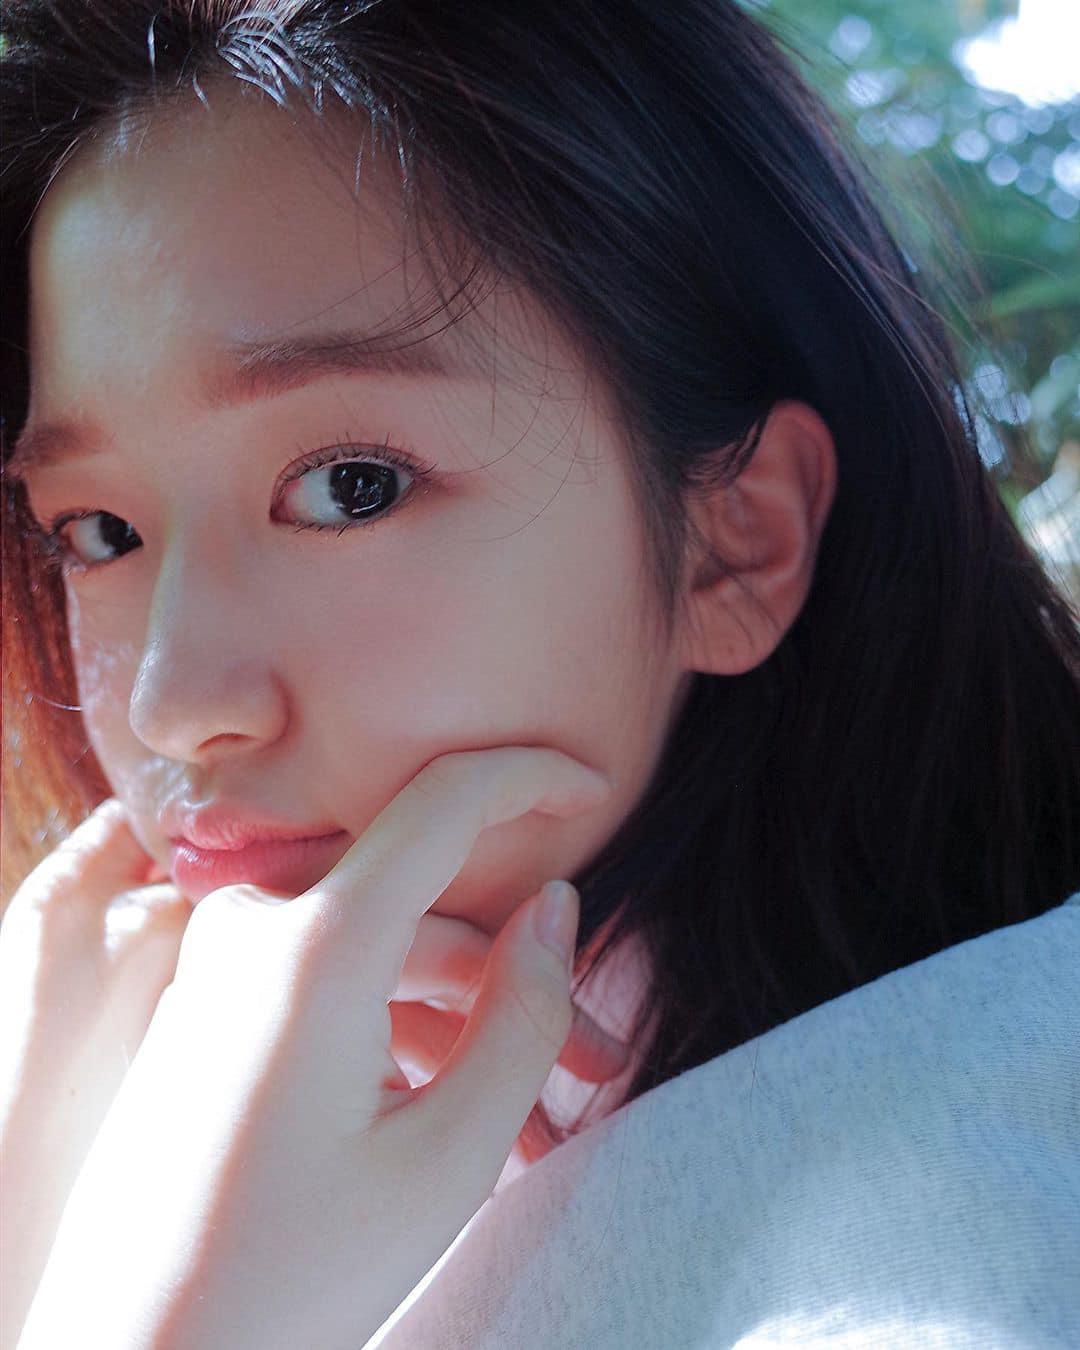 Cô nàng trang điểm nhẹ, tự tin khoe đường nét trong các bức ảnh chụp cận. Yu Jin giống như nhân vật nữ chính trong poster phim điện ảnh lãng mạn.